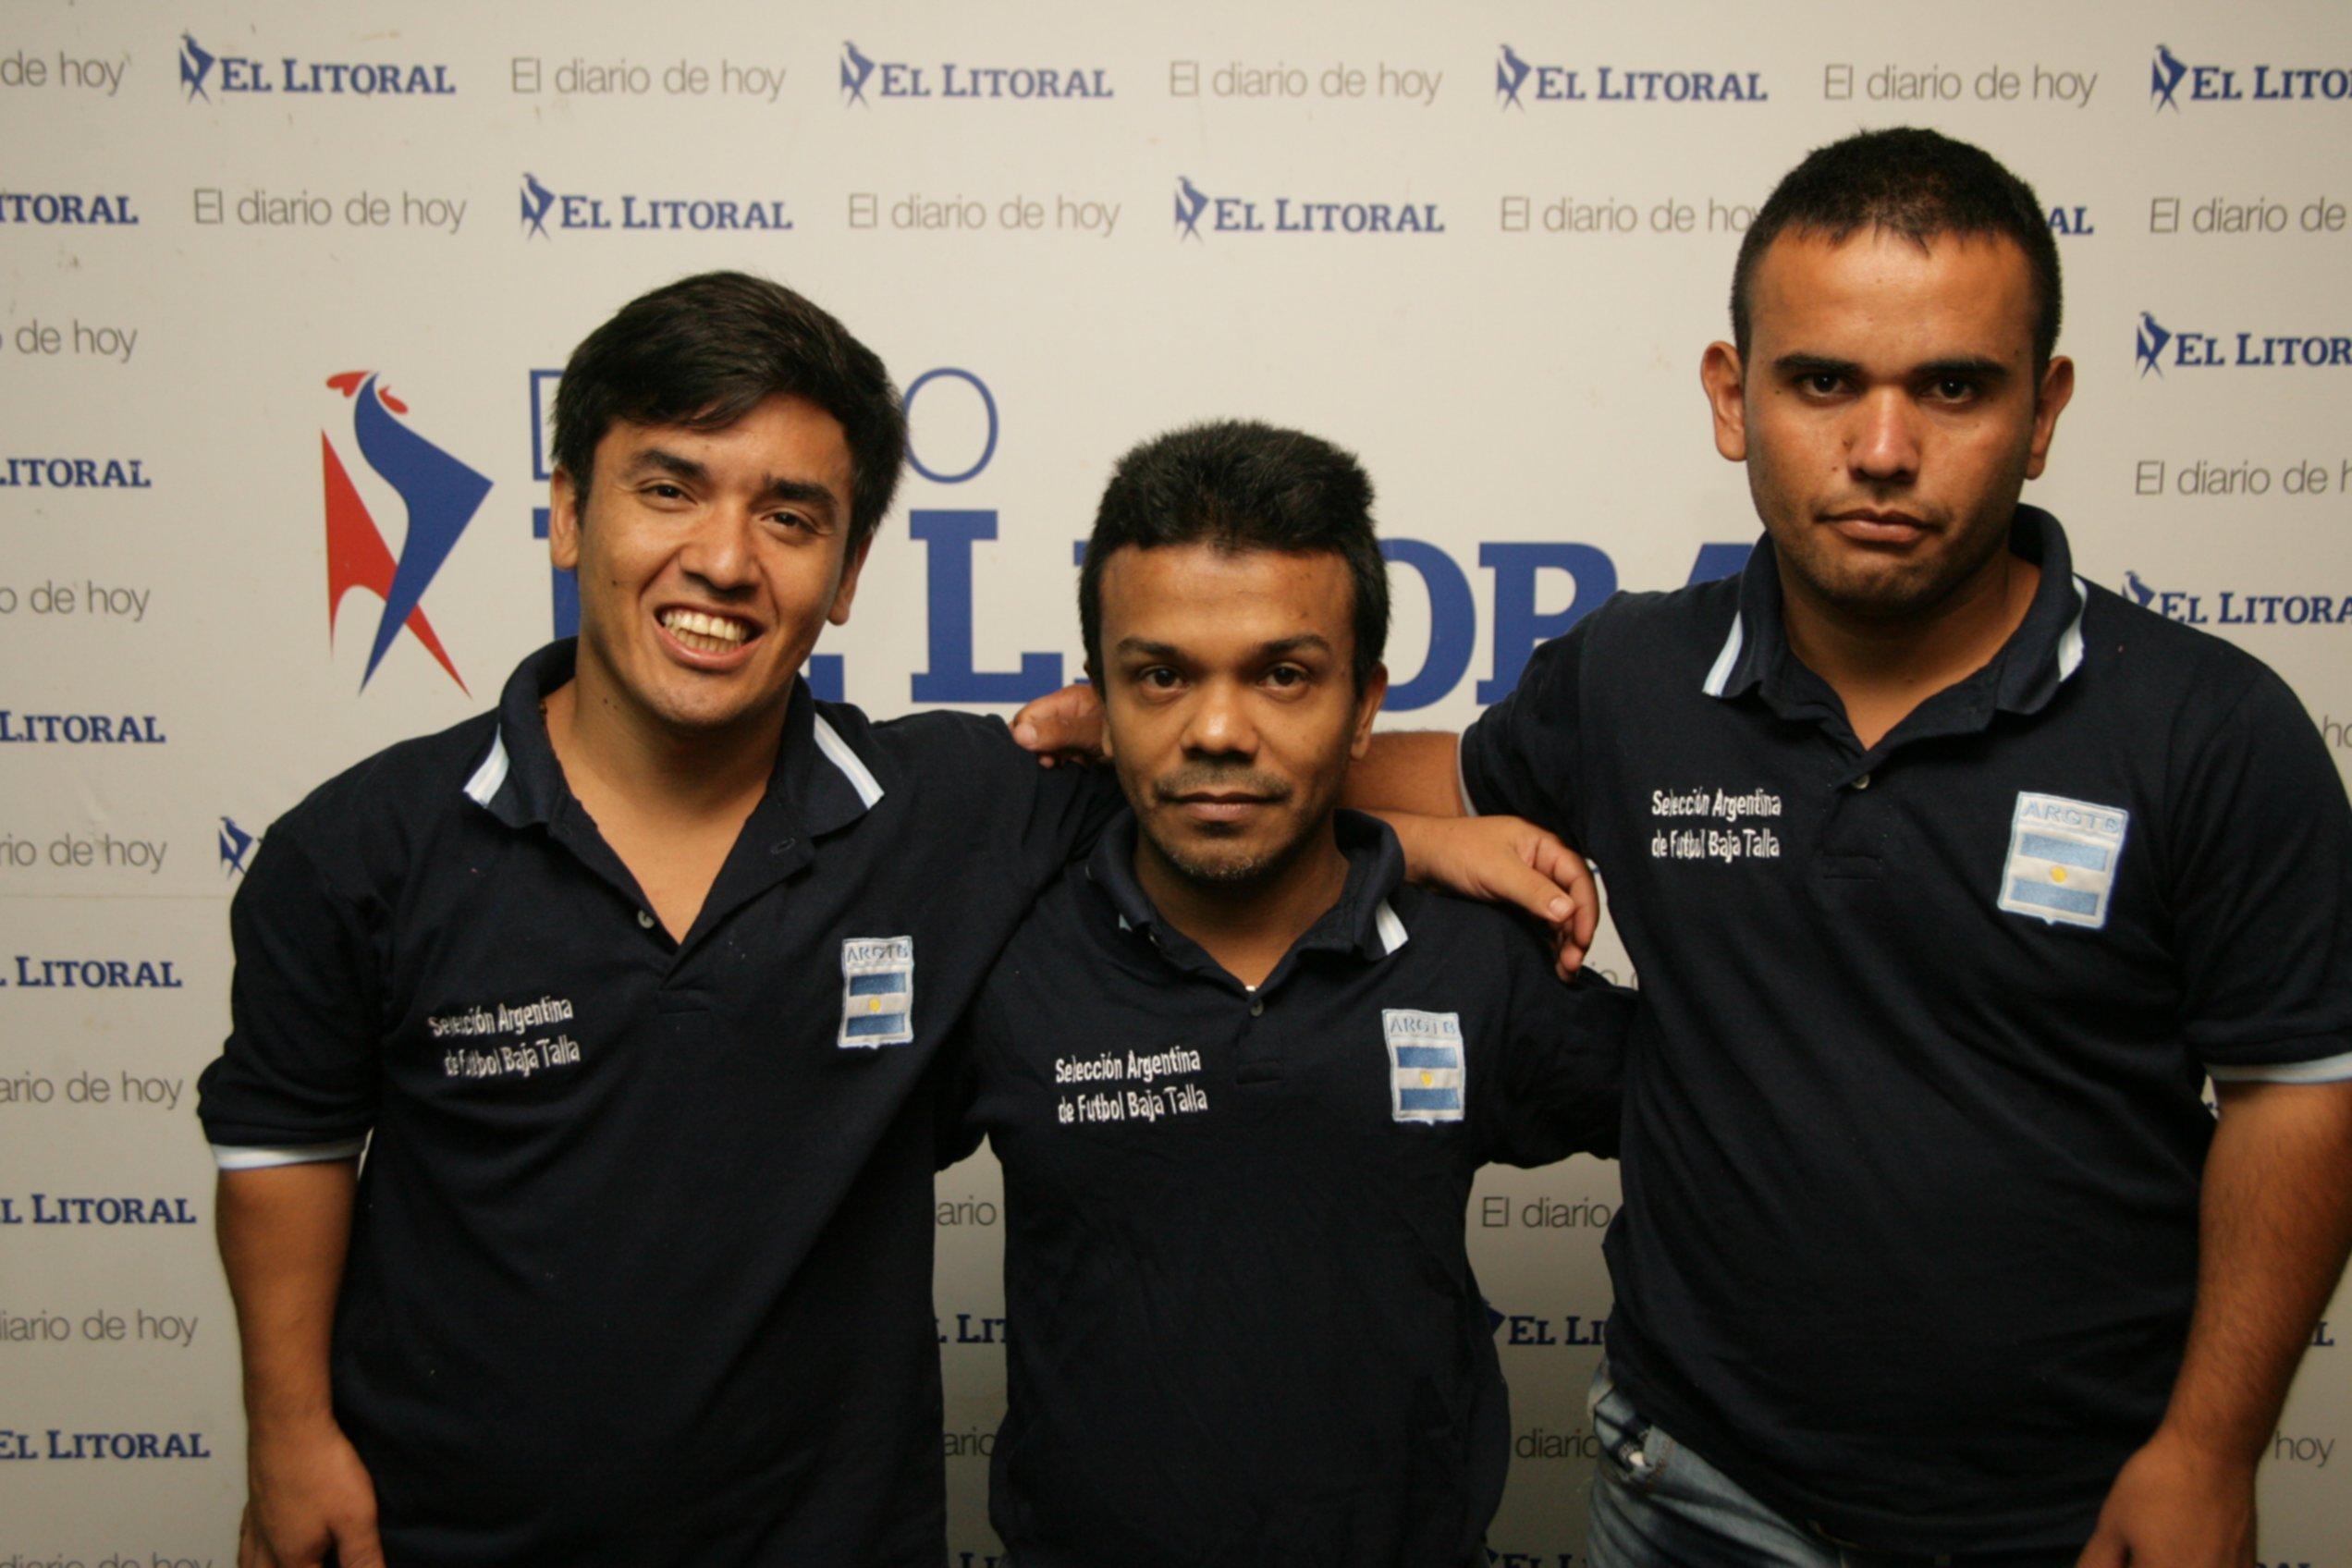 <p>Organizadores. Jugadores del seleccionado argentino de talla baja.</p>